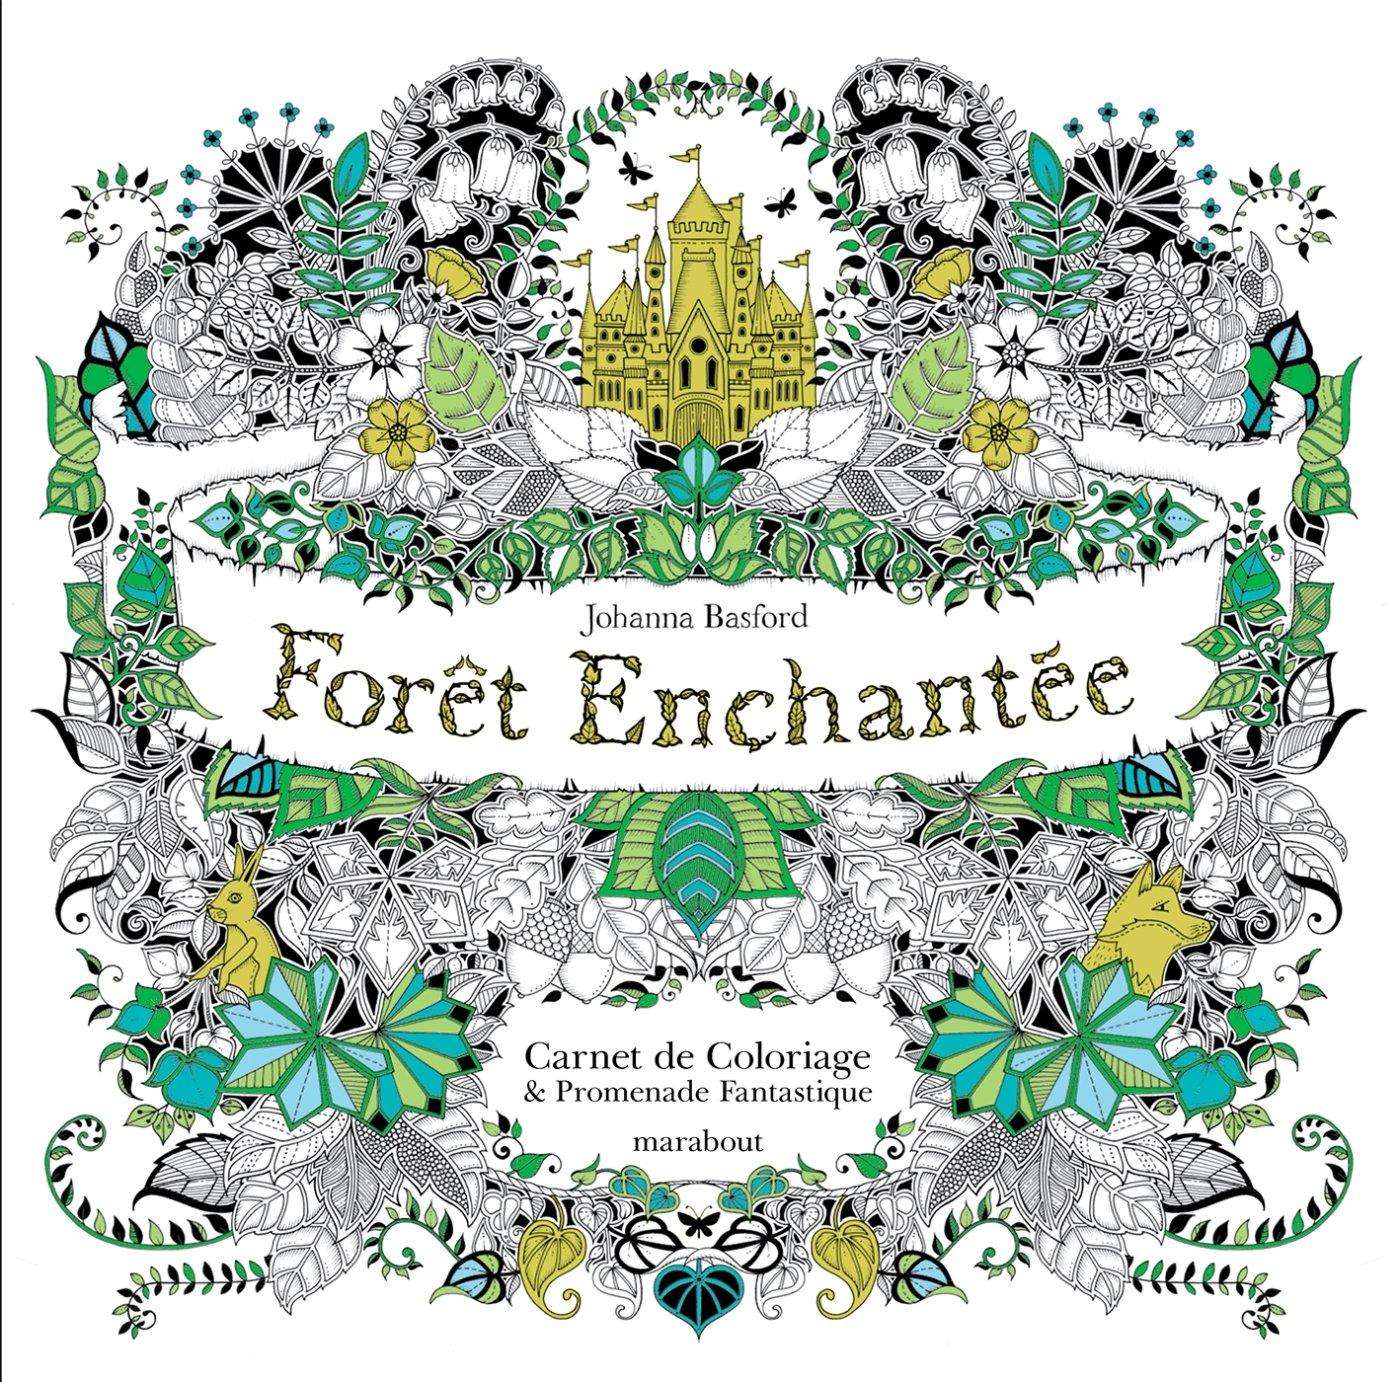 Amazon Forªt enchantée Carnet de coloriage et Chasse au trésor antistress Johanna Basford Livres